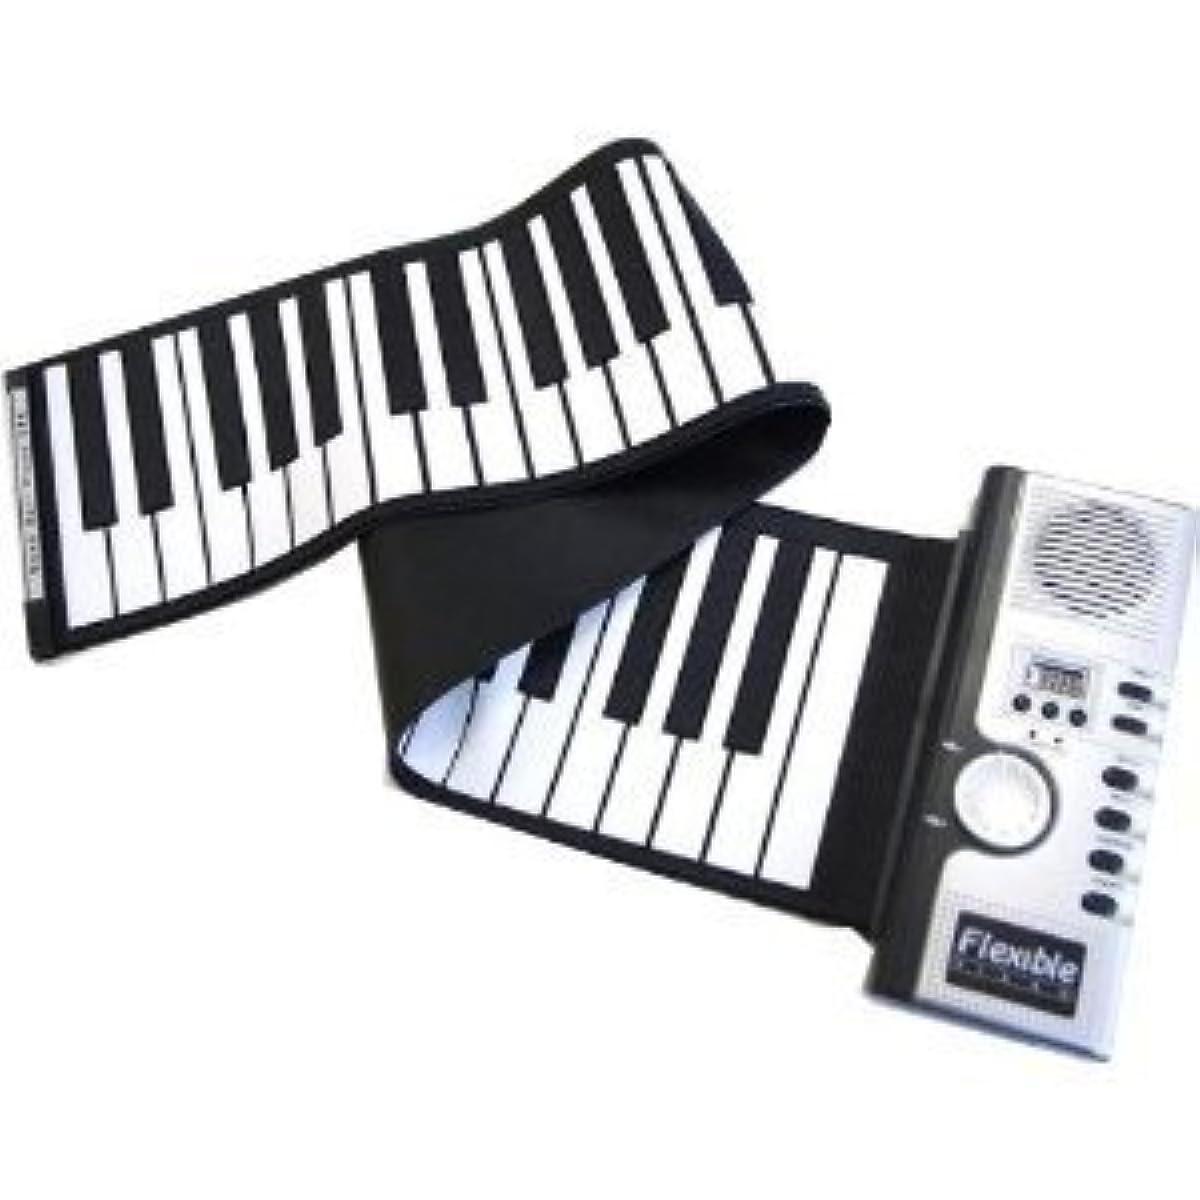 롤 피아노 뱅글뱅글 감을 수 있 전자 롤 피아노 전자 피아노 운반 롤 피아노 61키 롤 피아노-